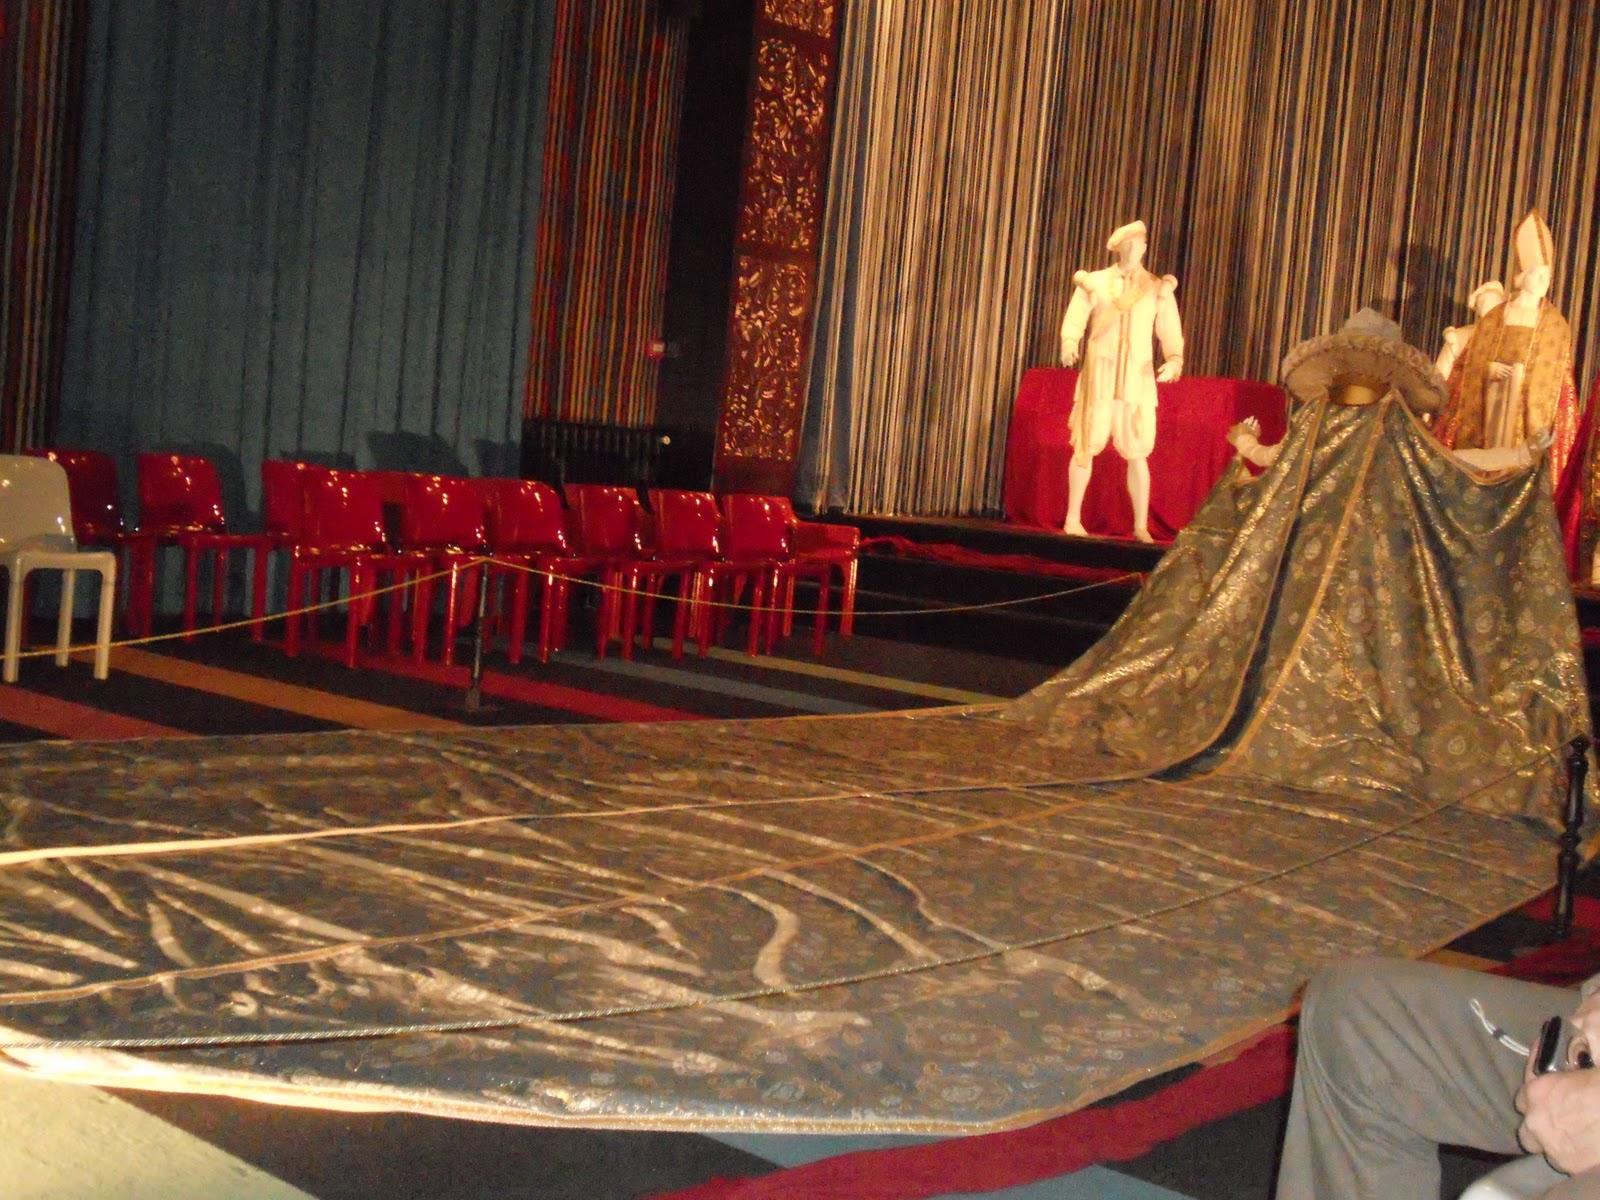 Historia y genealog a palacio de los duques de abrantes for Instituto italiano de cultura madrid